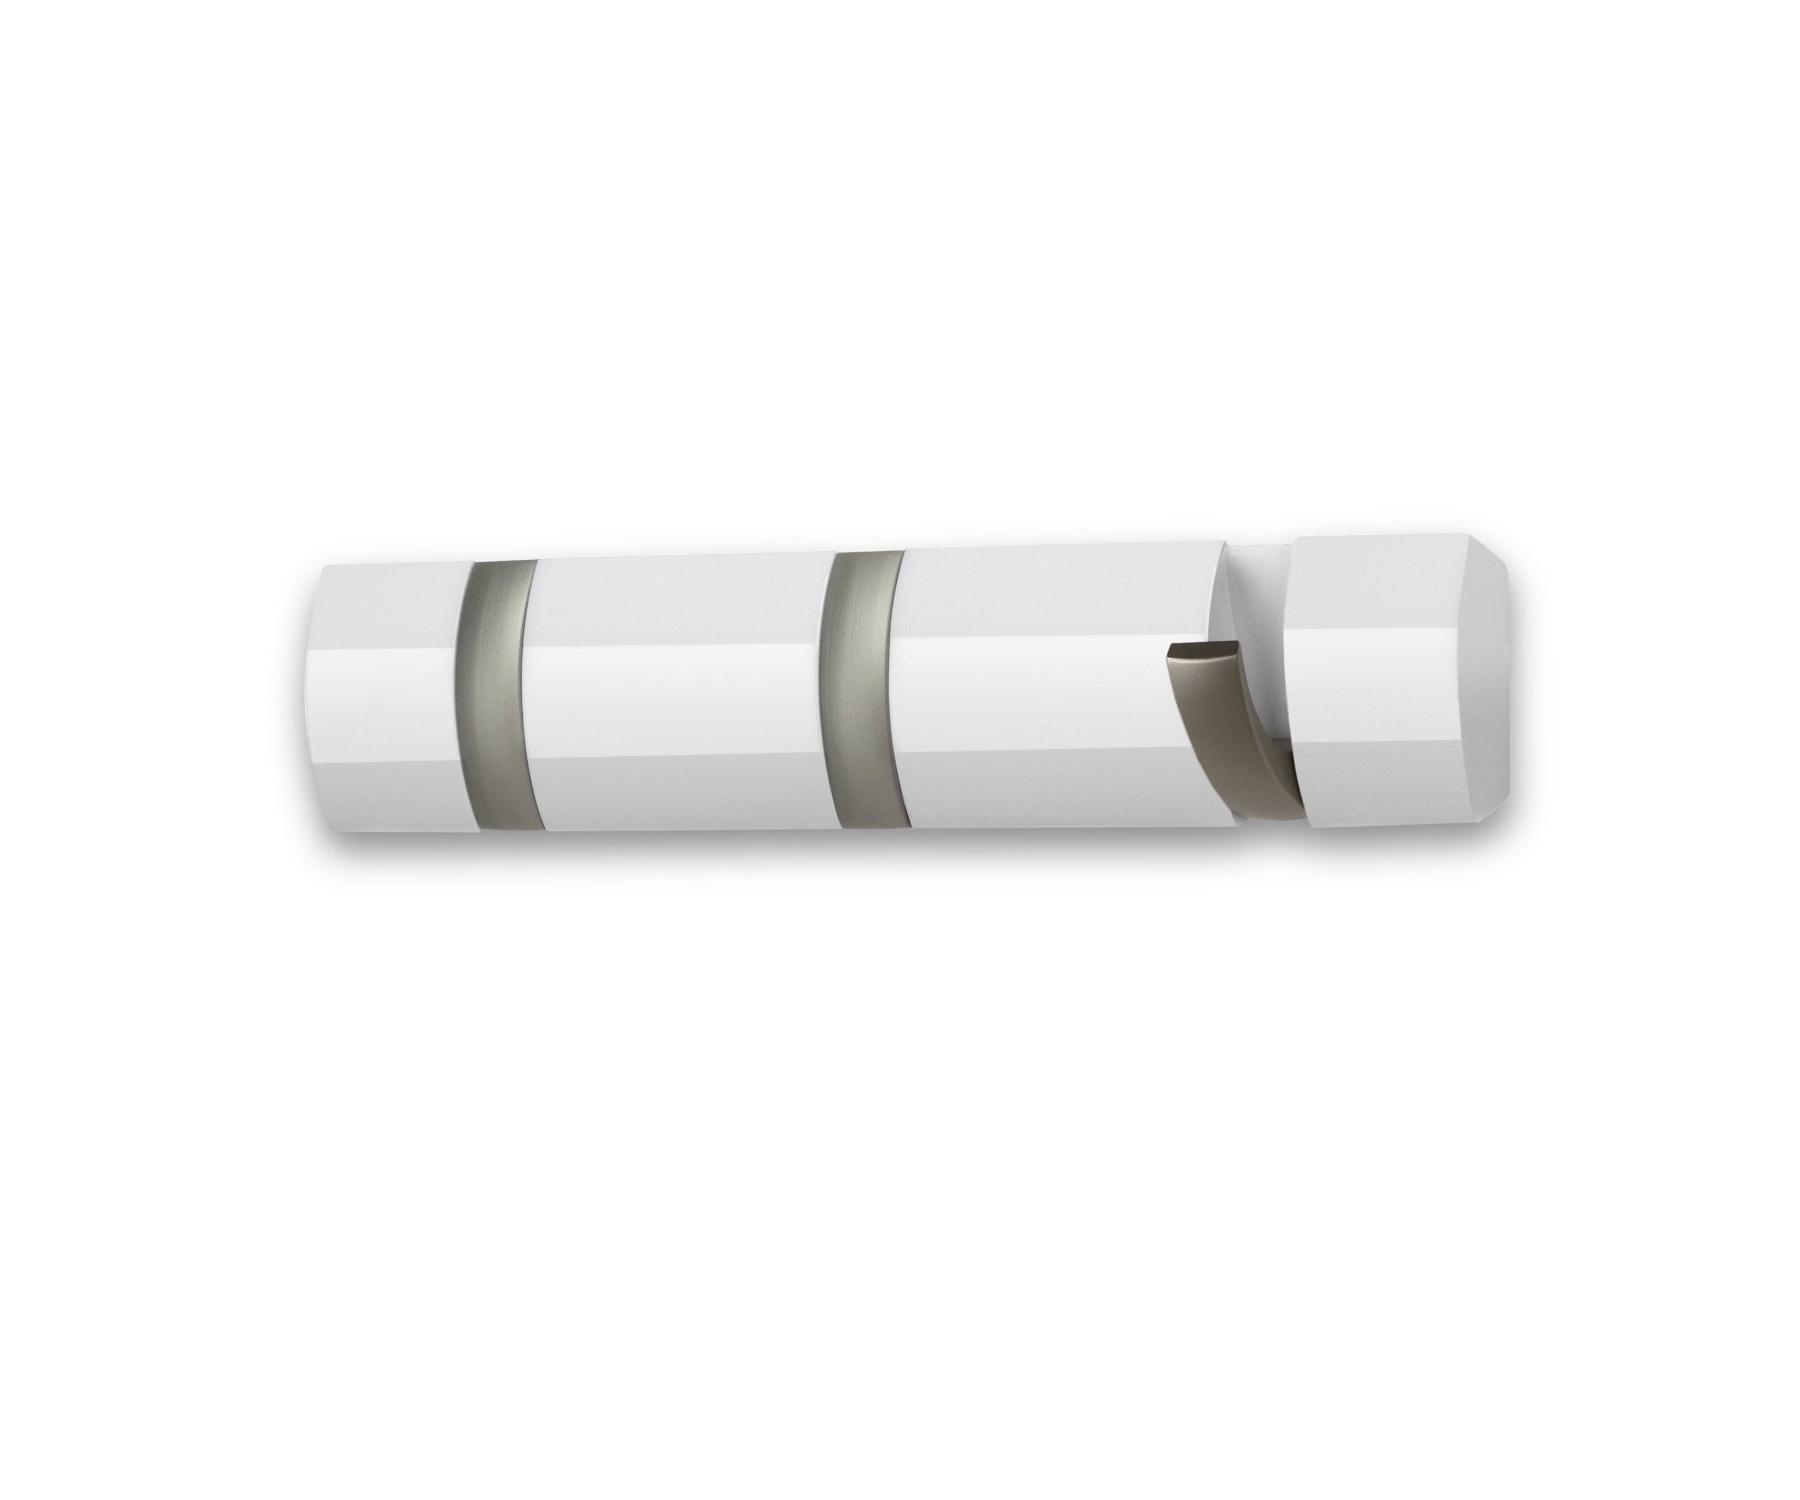 Вешалка настенная горизонтальная FlipВешалки<br>Стильная и прочная  вешалка интересной формы. Имеет 3 откидных крючка из никеля: когда они не используются, то складываются, превращая конструкцию в абсолютно гладкую поверхность. Идеально для маленьких прихожих и ограниченных пространств. <br>Каждый крючок выдерживает вес до 2,3 кг.<br><br>Material: Металл<br>Ширина см: 33<br>Высота см: 7<br>Глубина см: 4